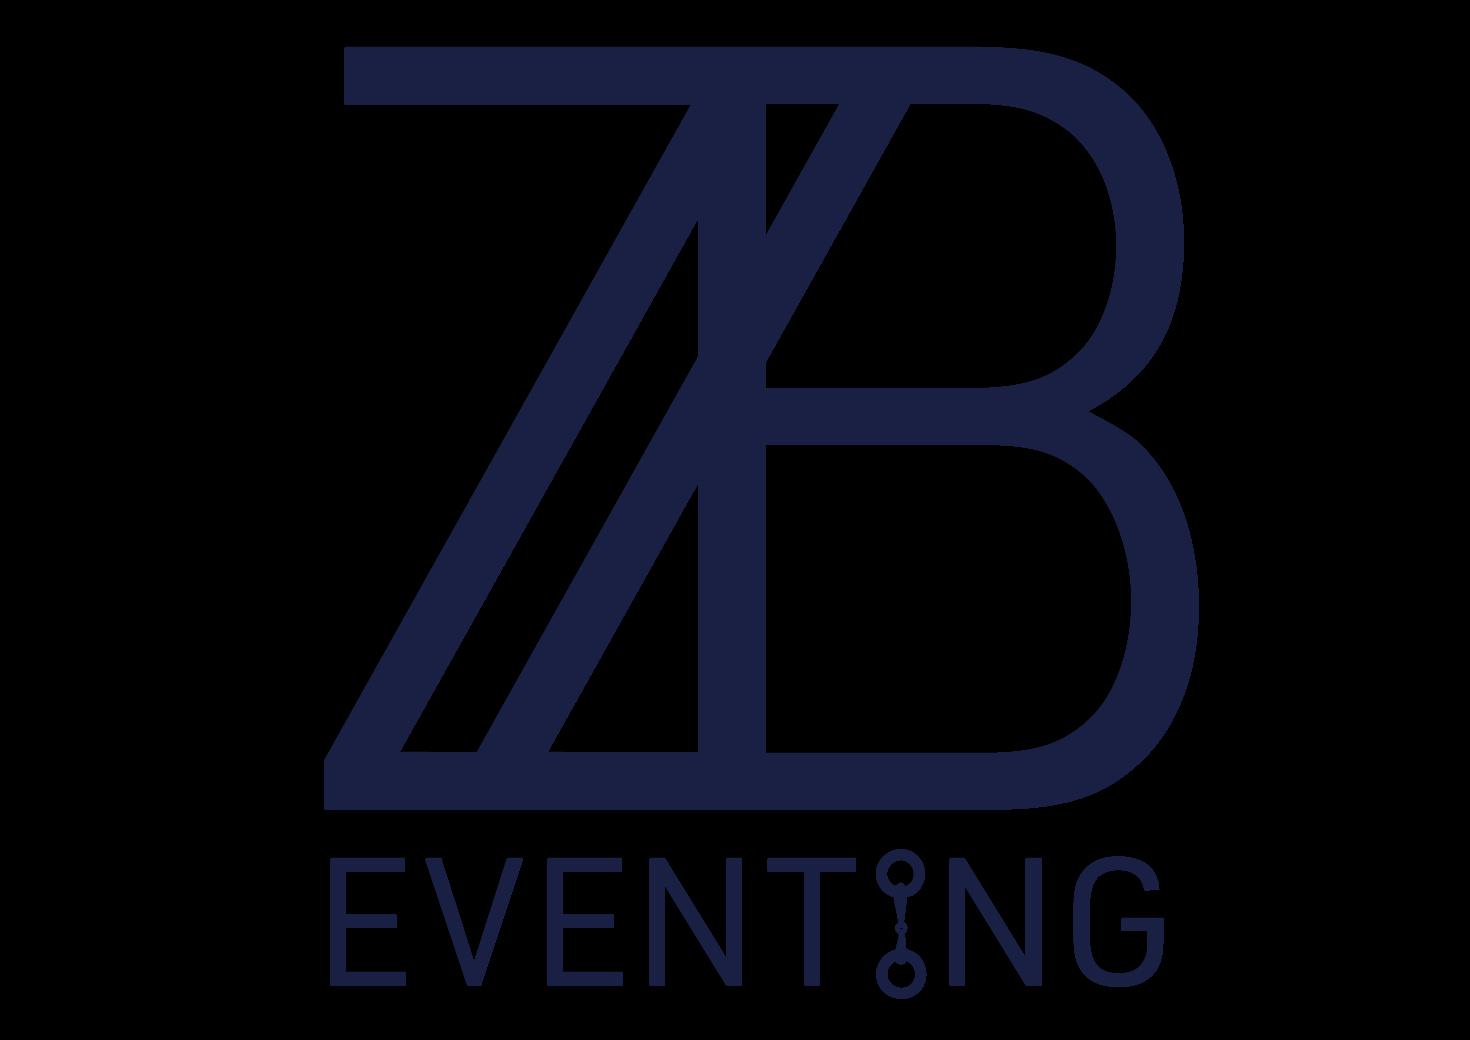 Zina Baltopoulos Eventing